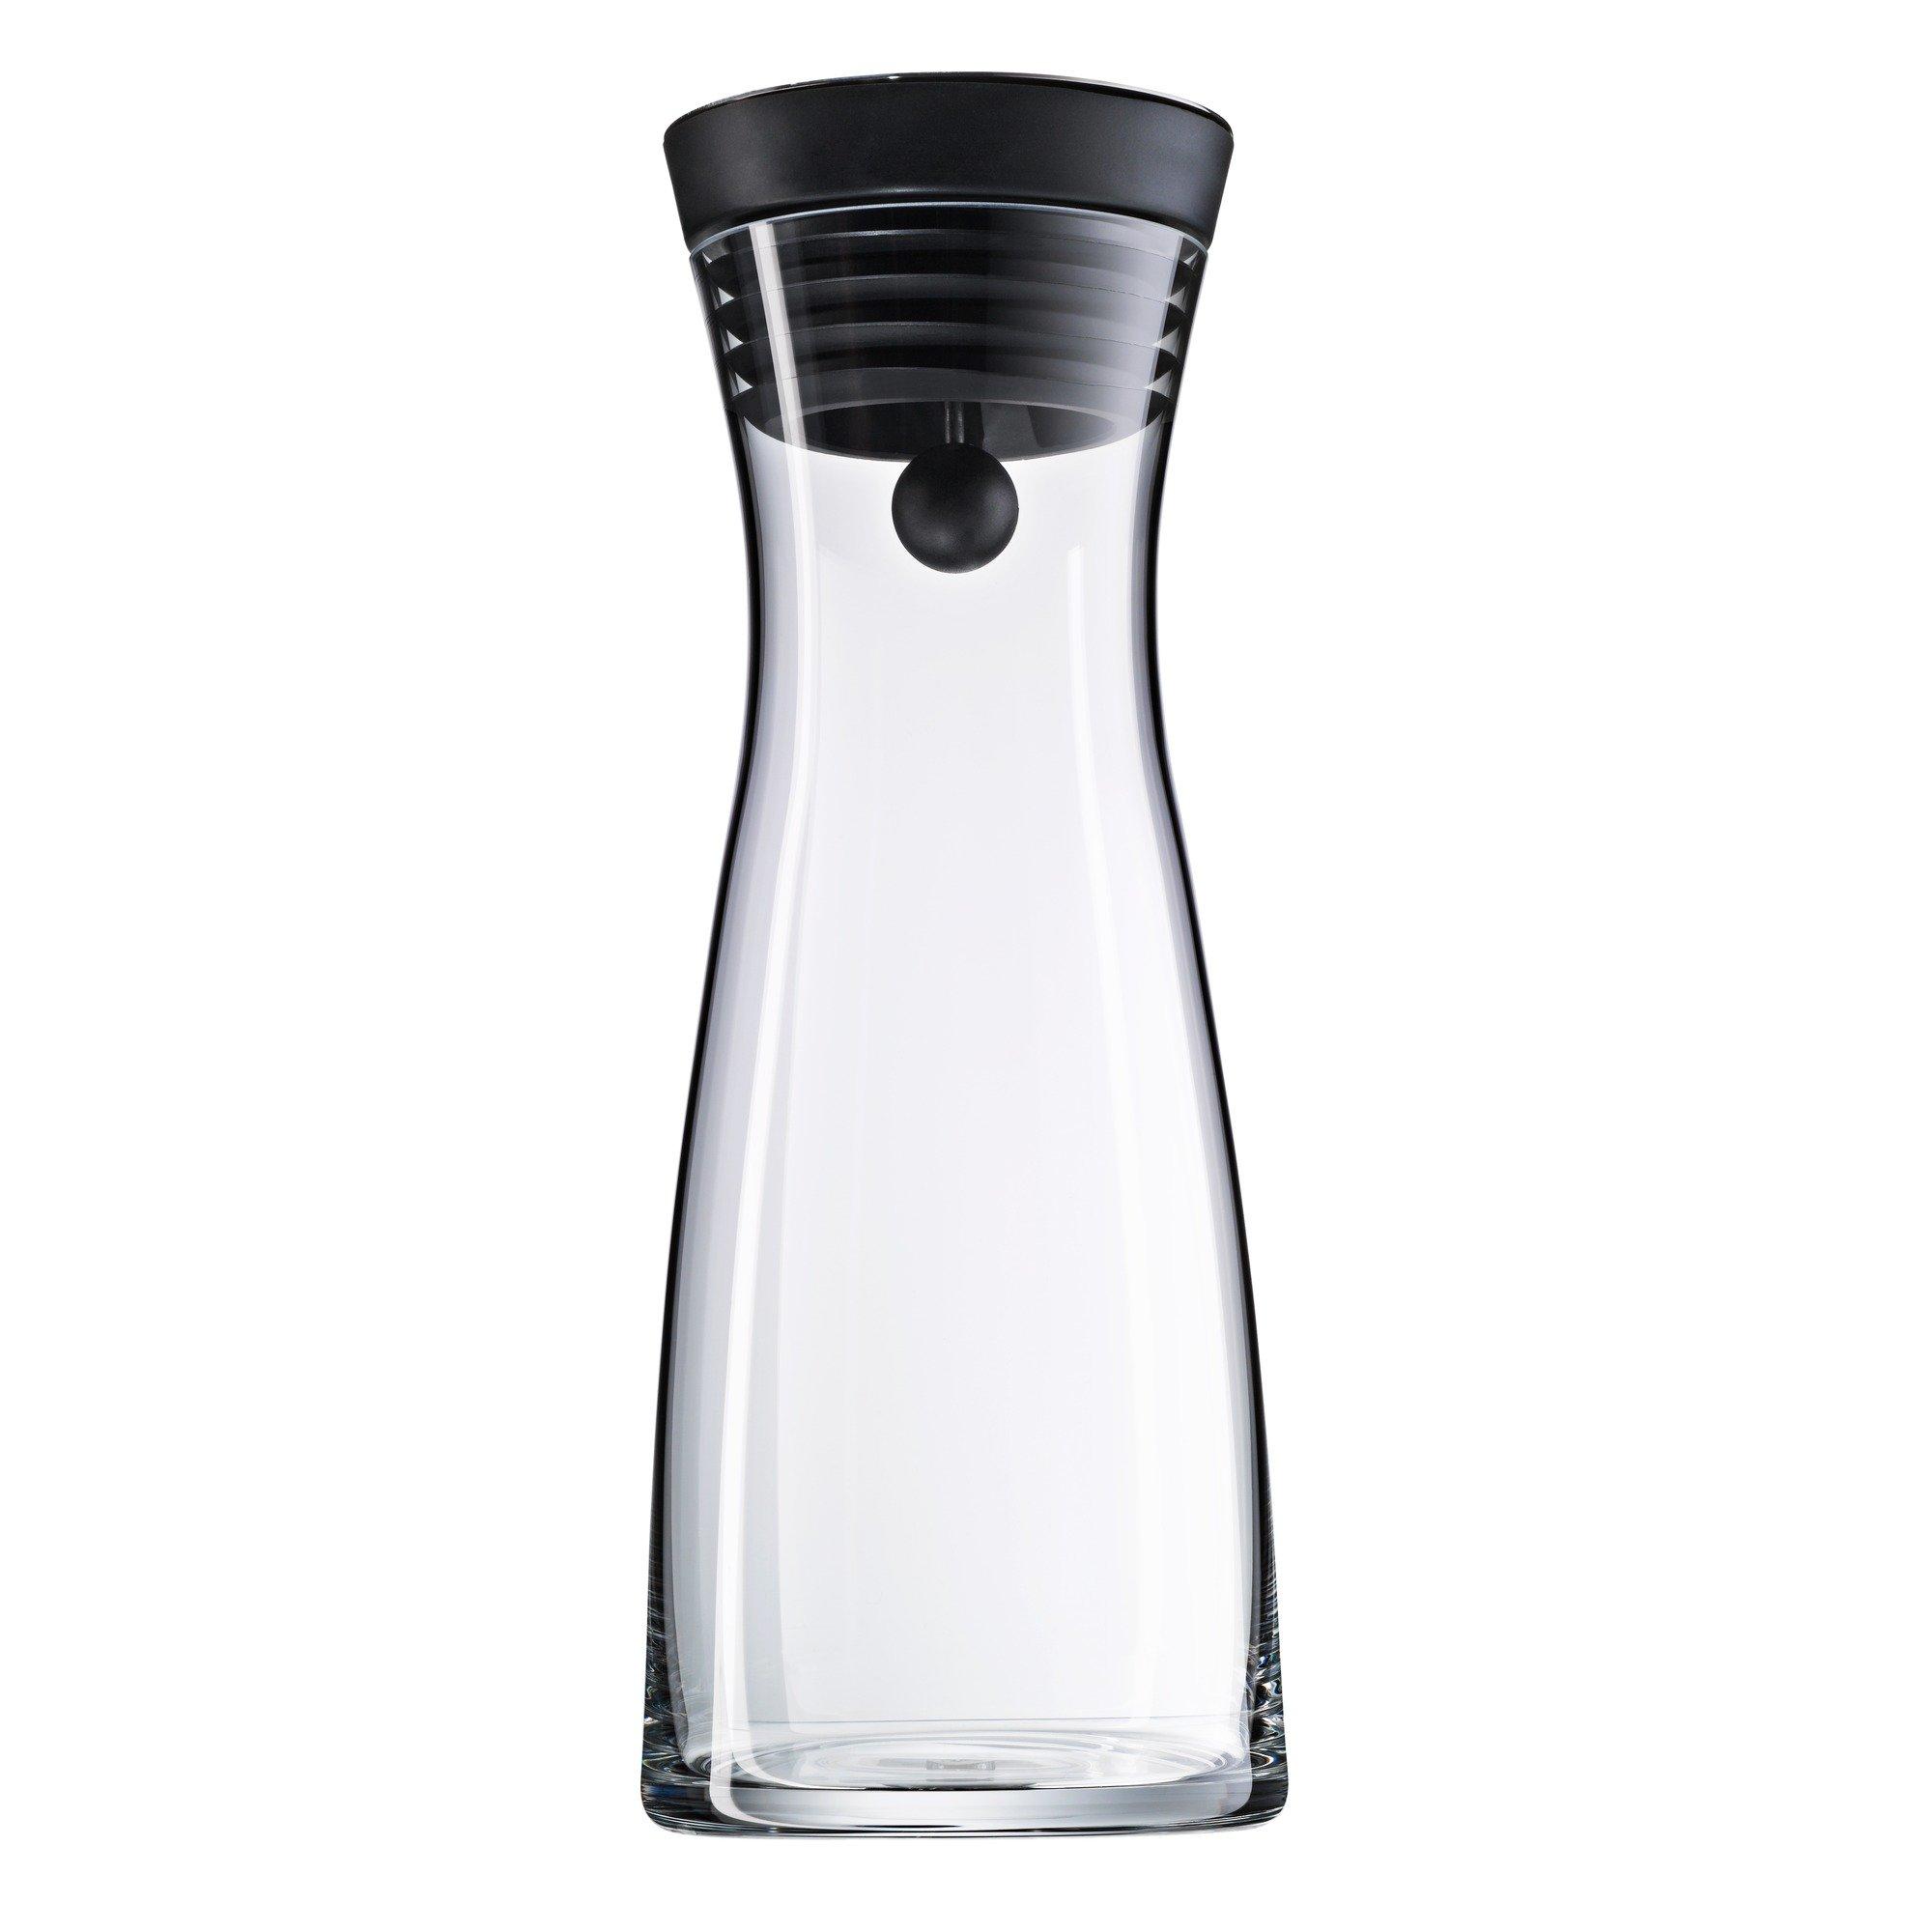 Wasserkaraffe 0,75 l Basic